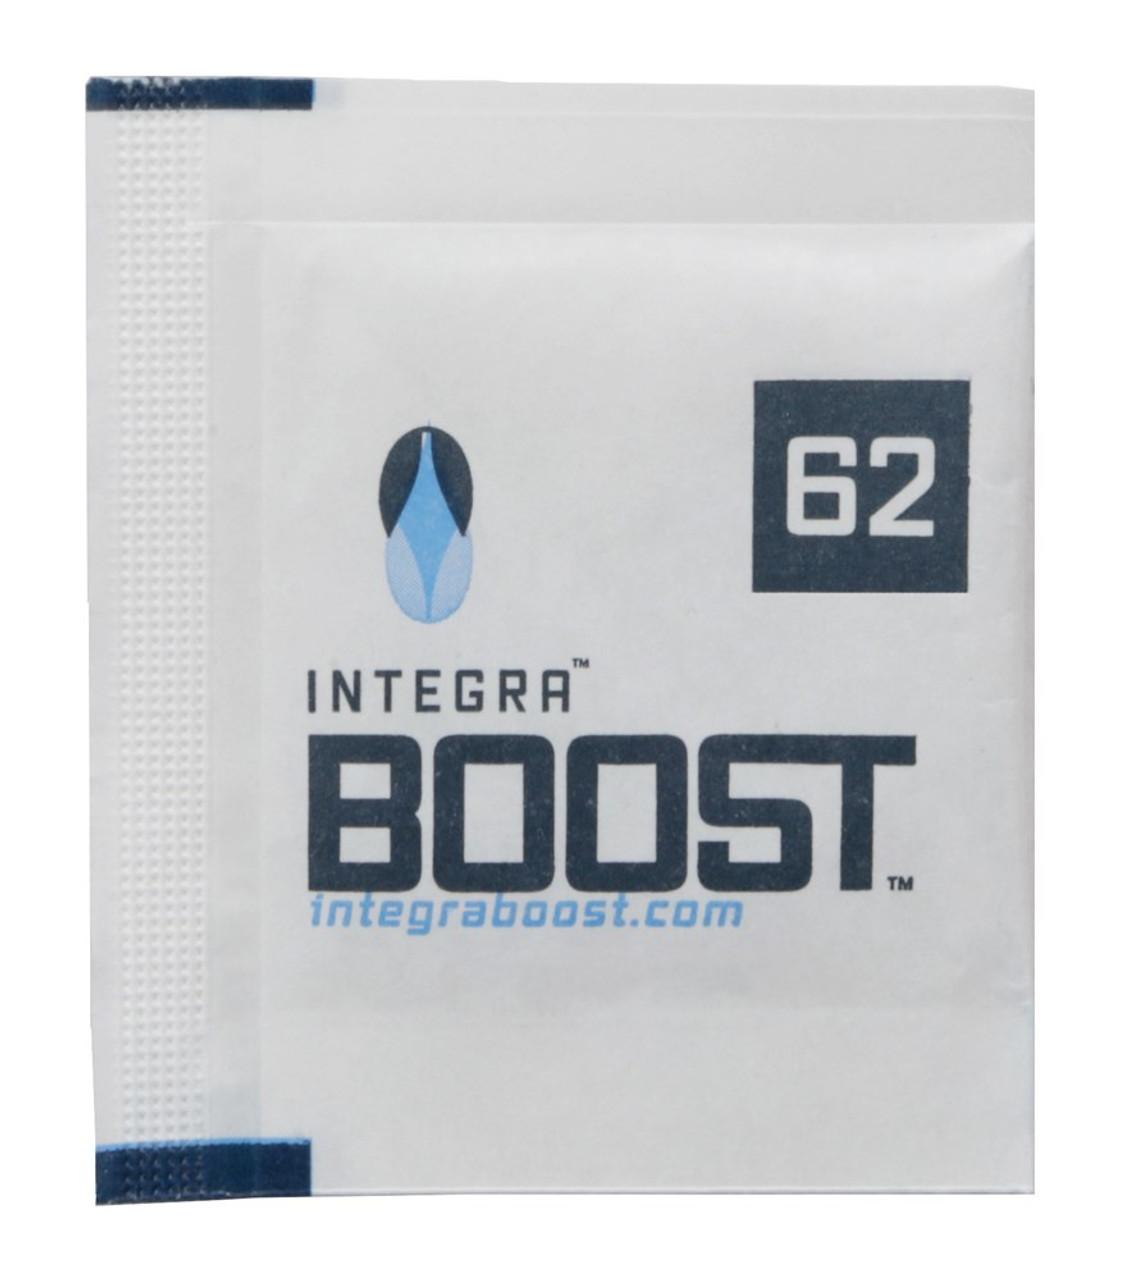 Integra Boost 4g pack SM 62% RH Each